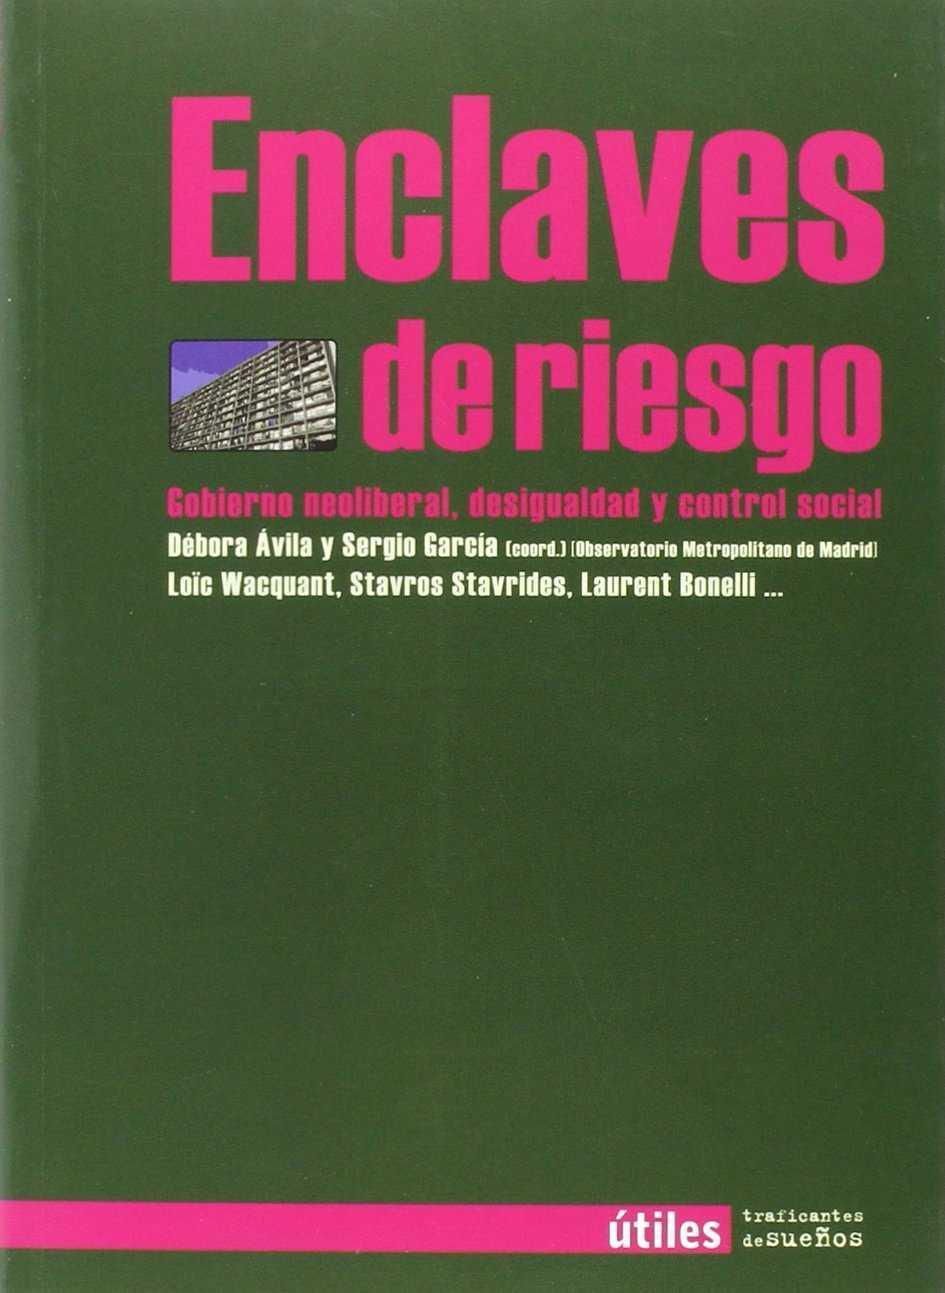 ENCLAVES DE RIESGO